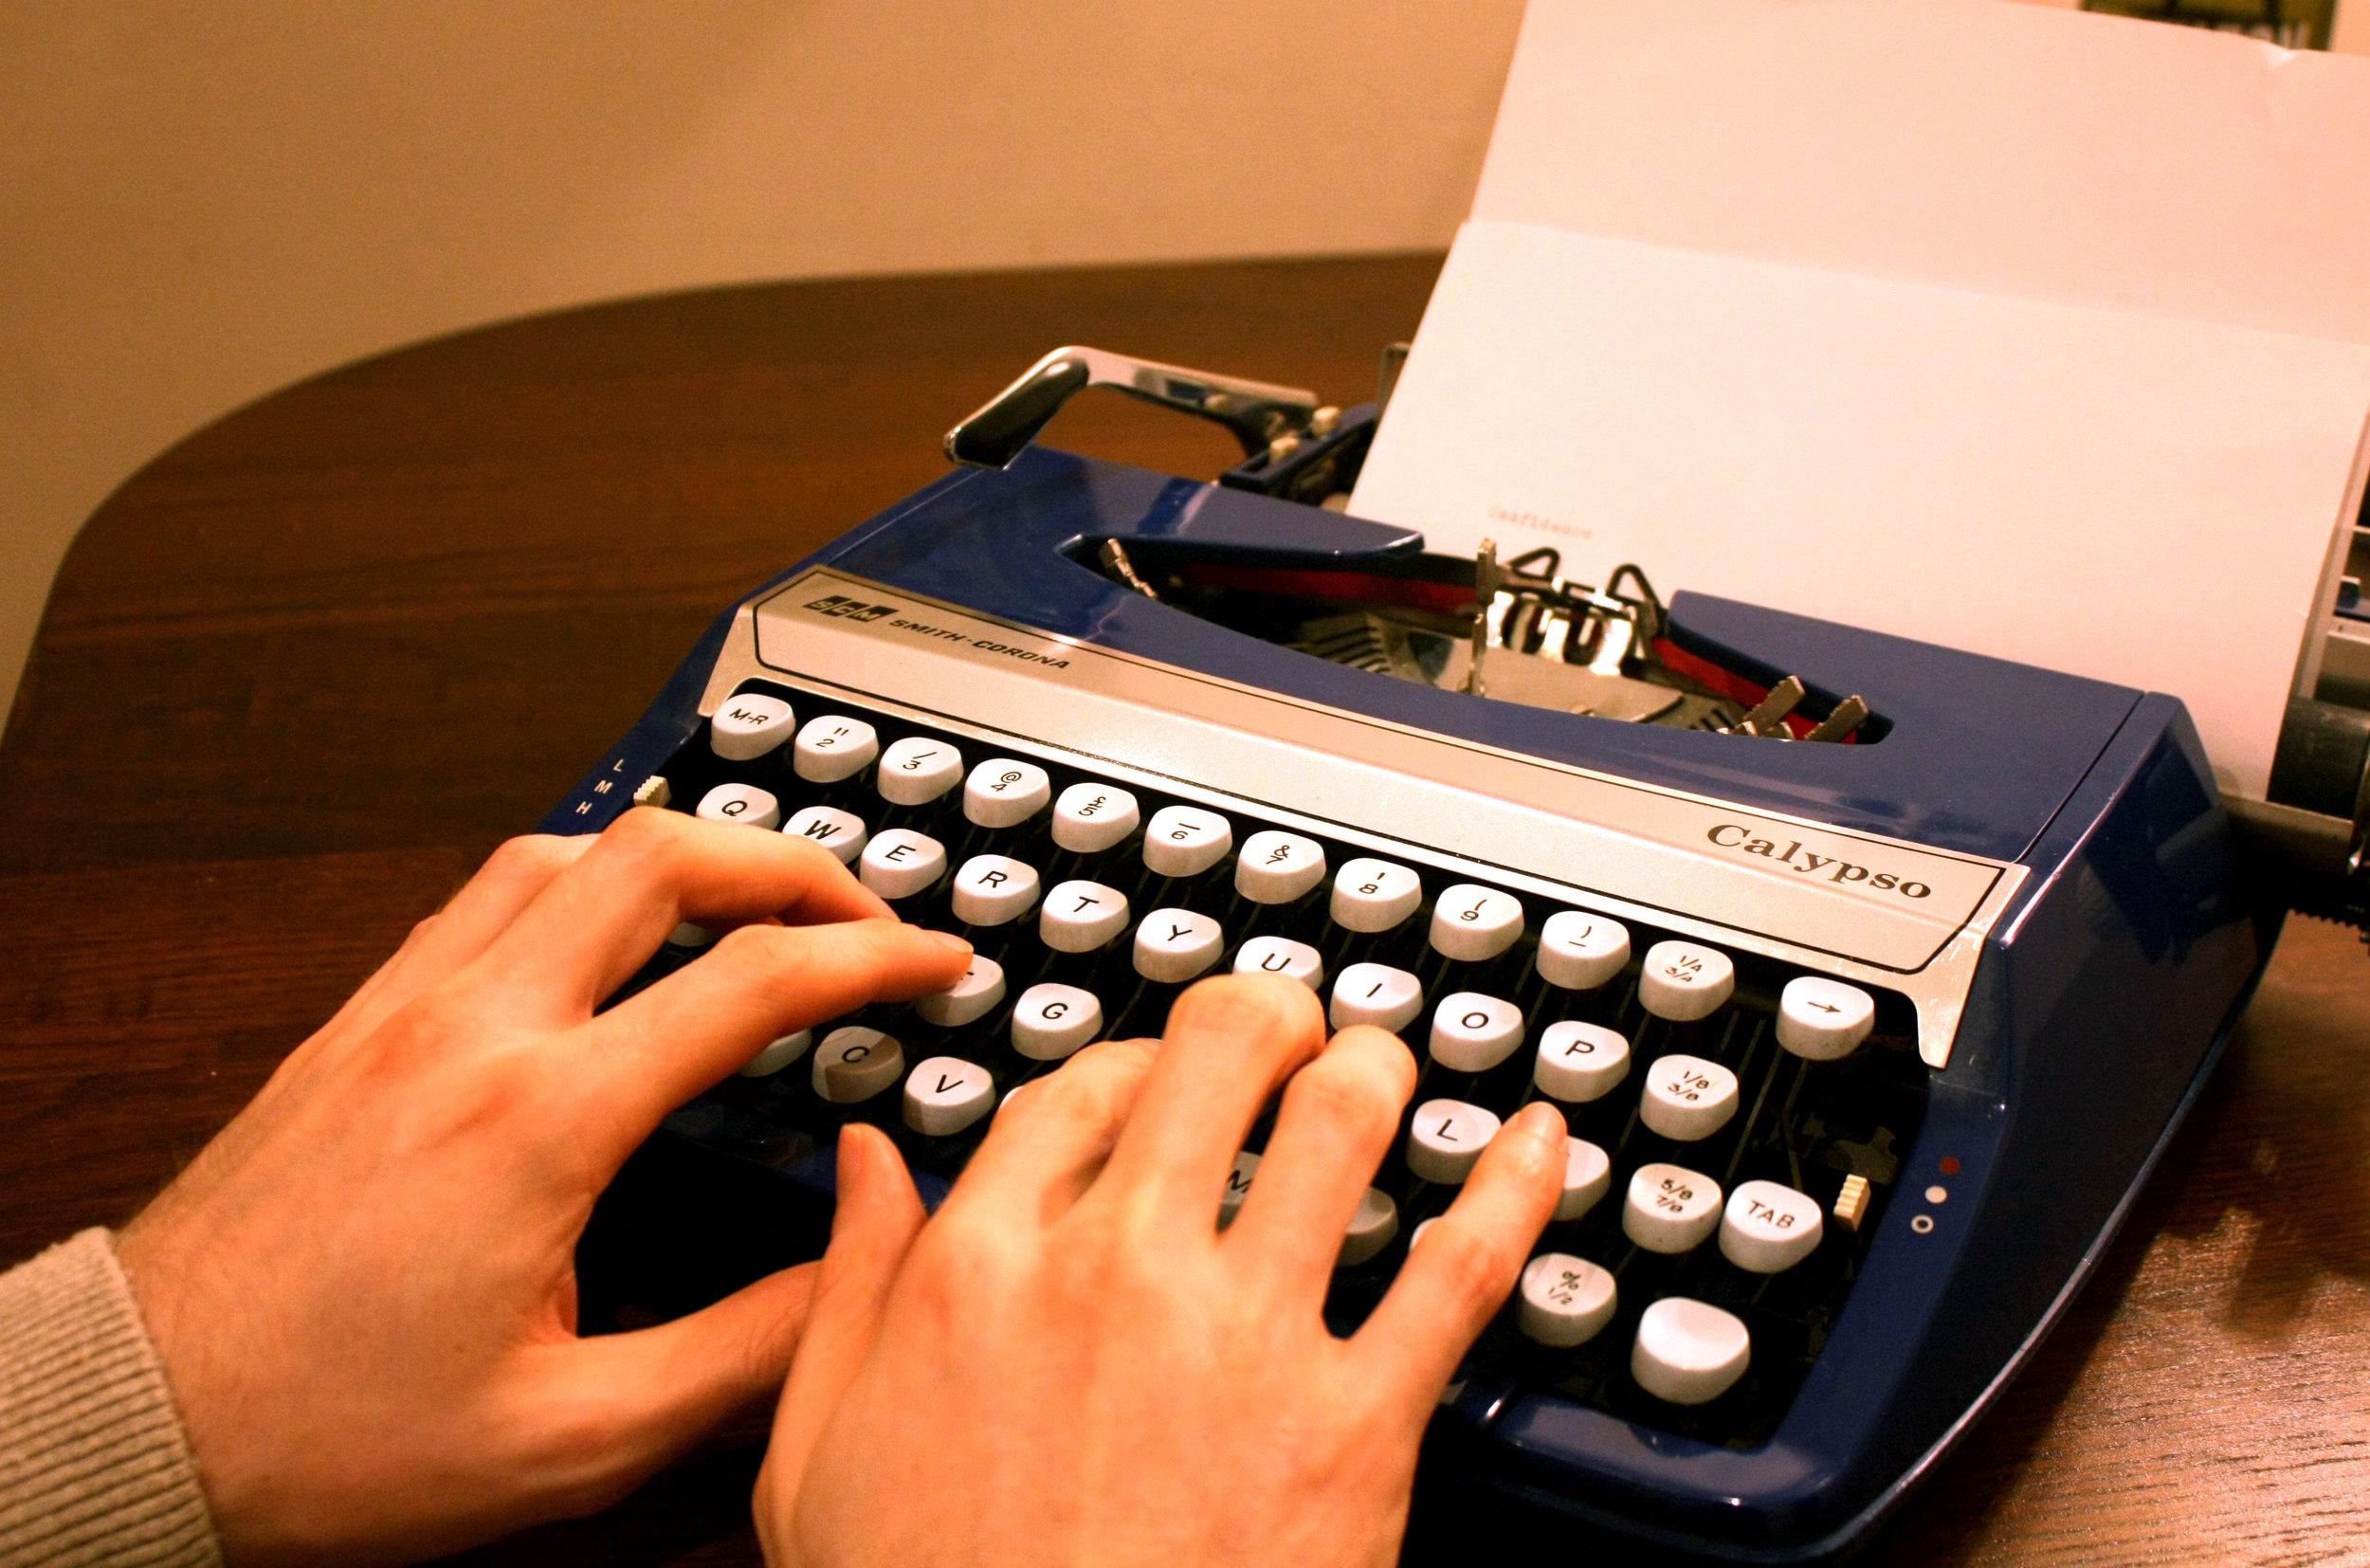 Hands on blue typewriter